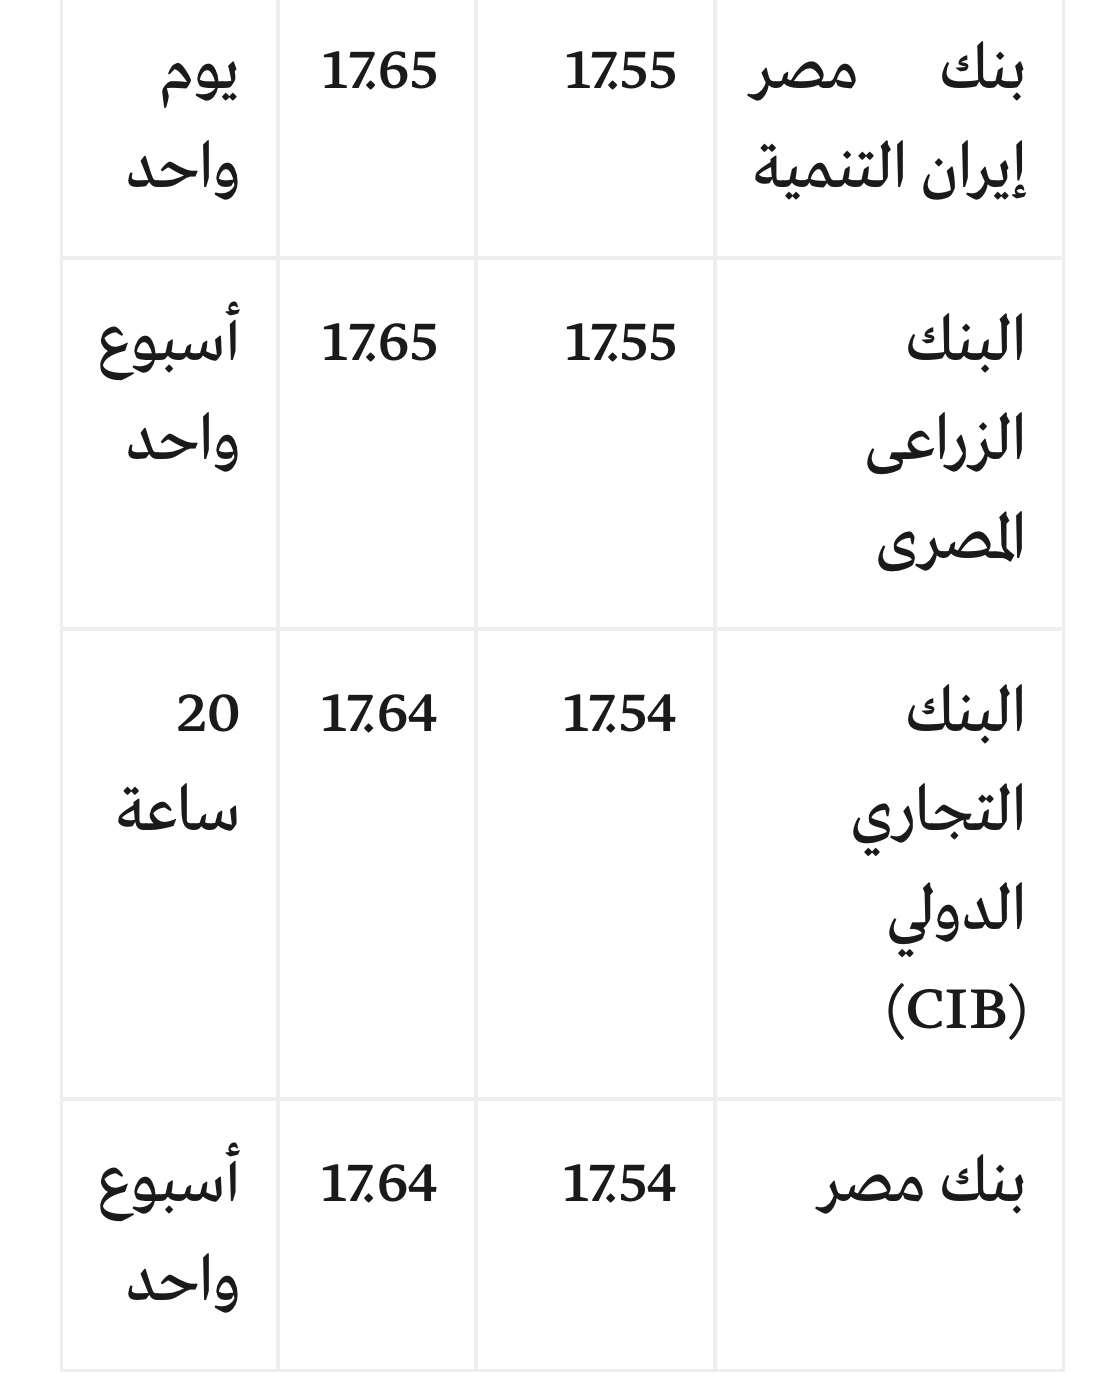 سعر الدولار اليوم الثلاثاء 13/3/2018 جميع البنوك والسوق السوداء مقابل الجنيه في مصر